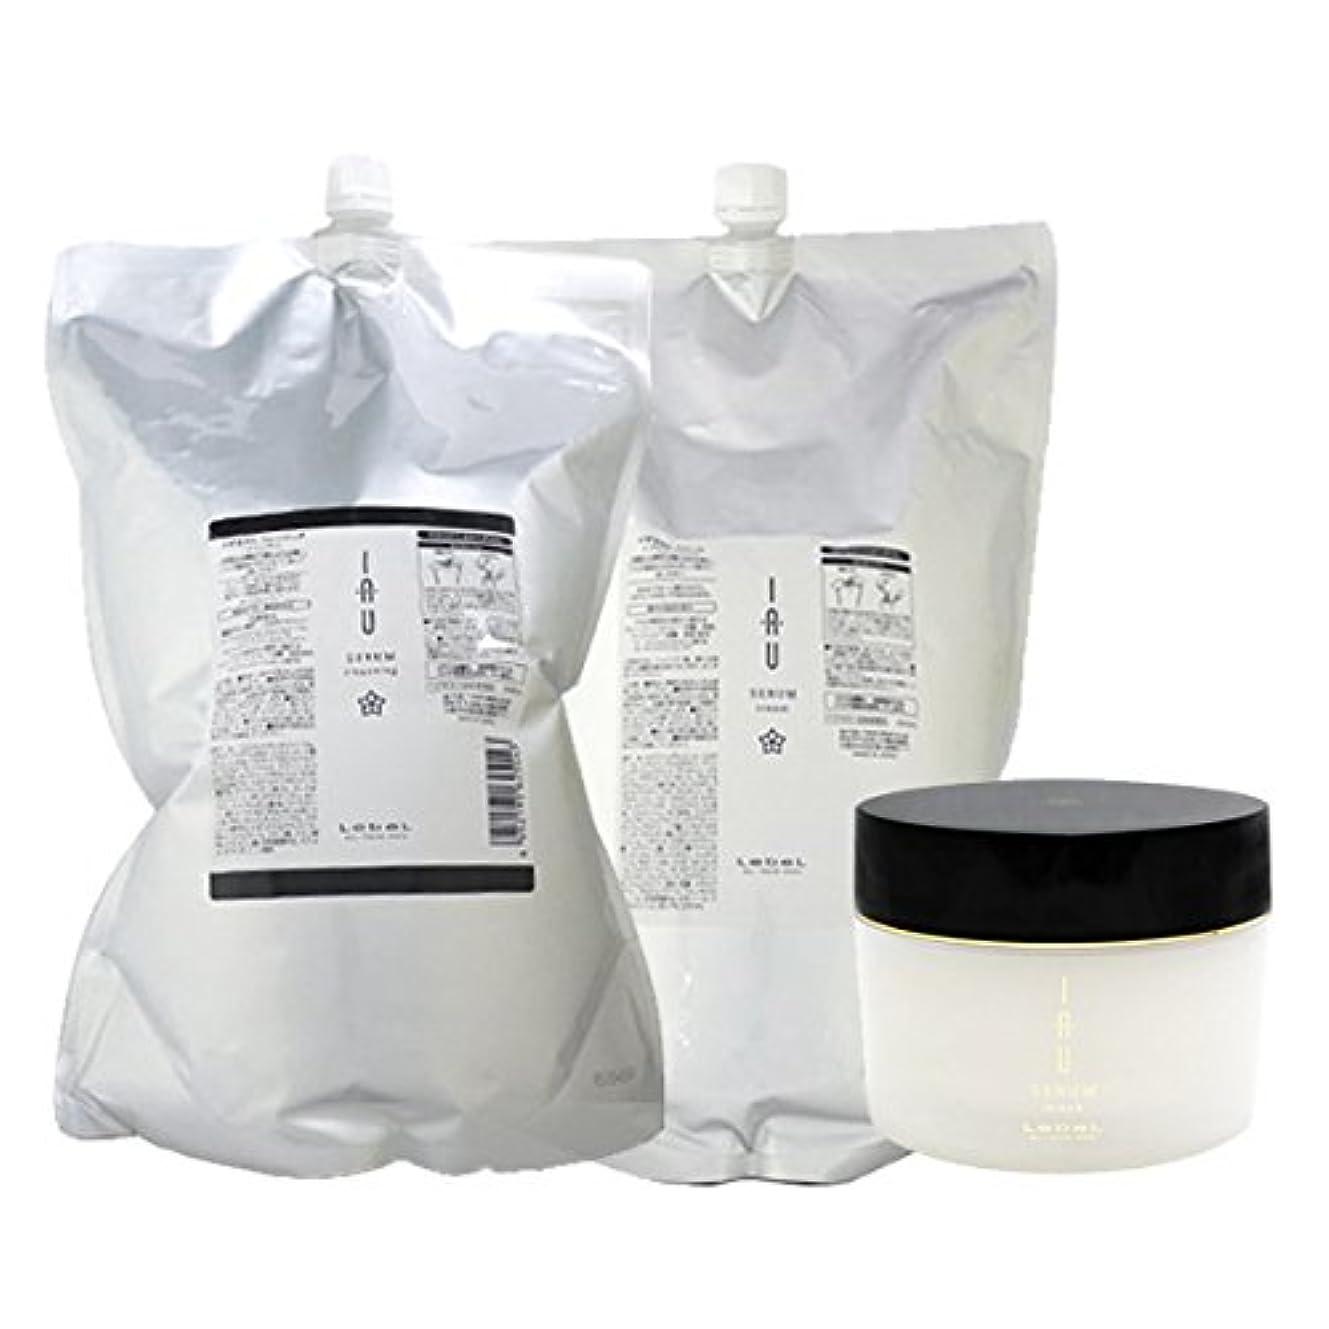 パンツ不信意気込みルベル イオ セラム クレンジング(シャンプー) 2500mL + クリーム(トリートメント) 2500mL + マスク 170g 3点セット 詰め替え lebel iau serum